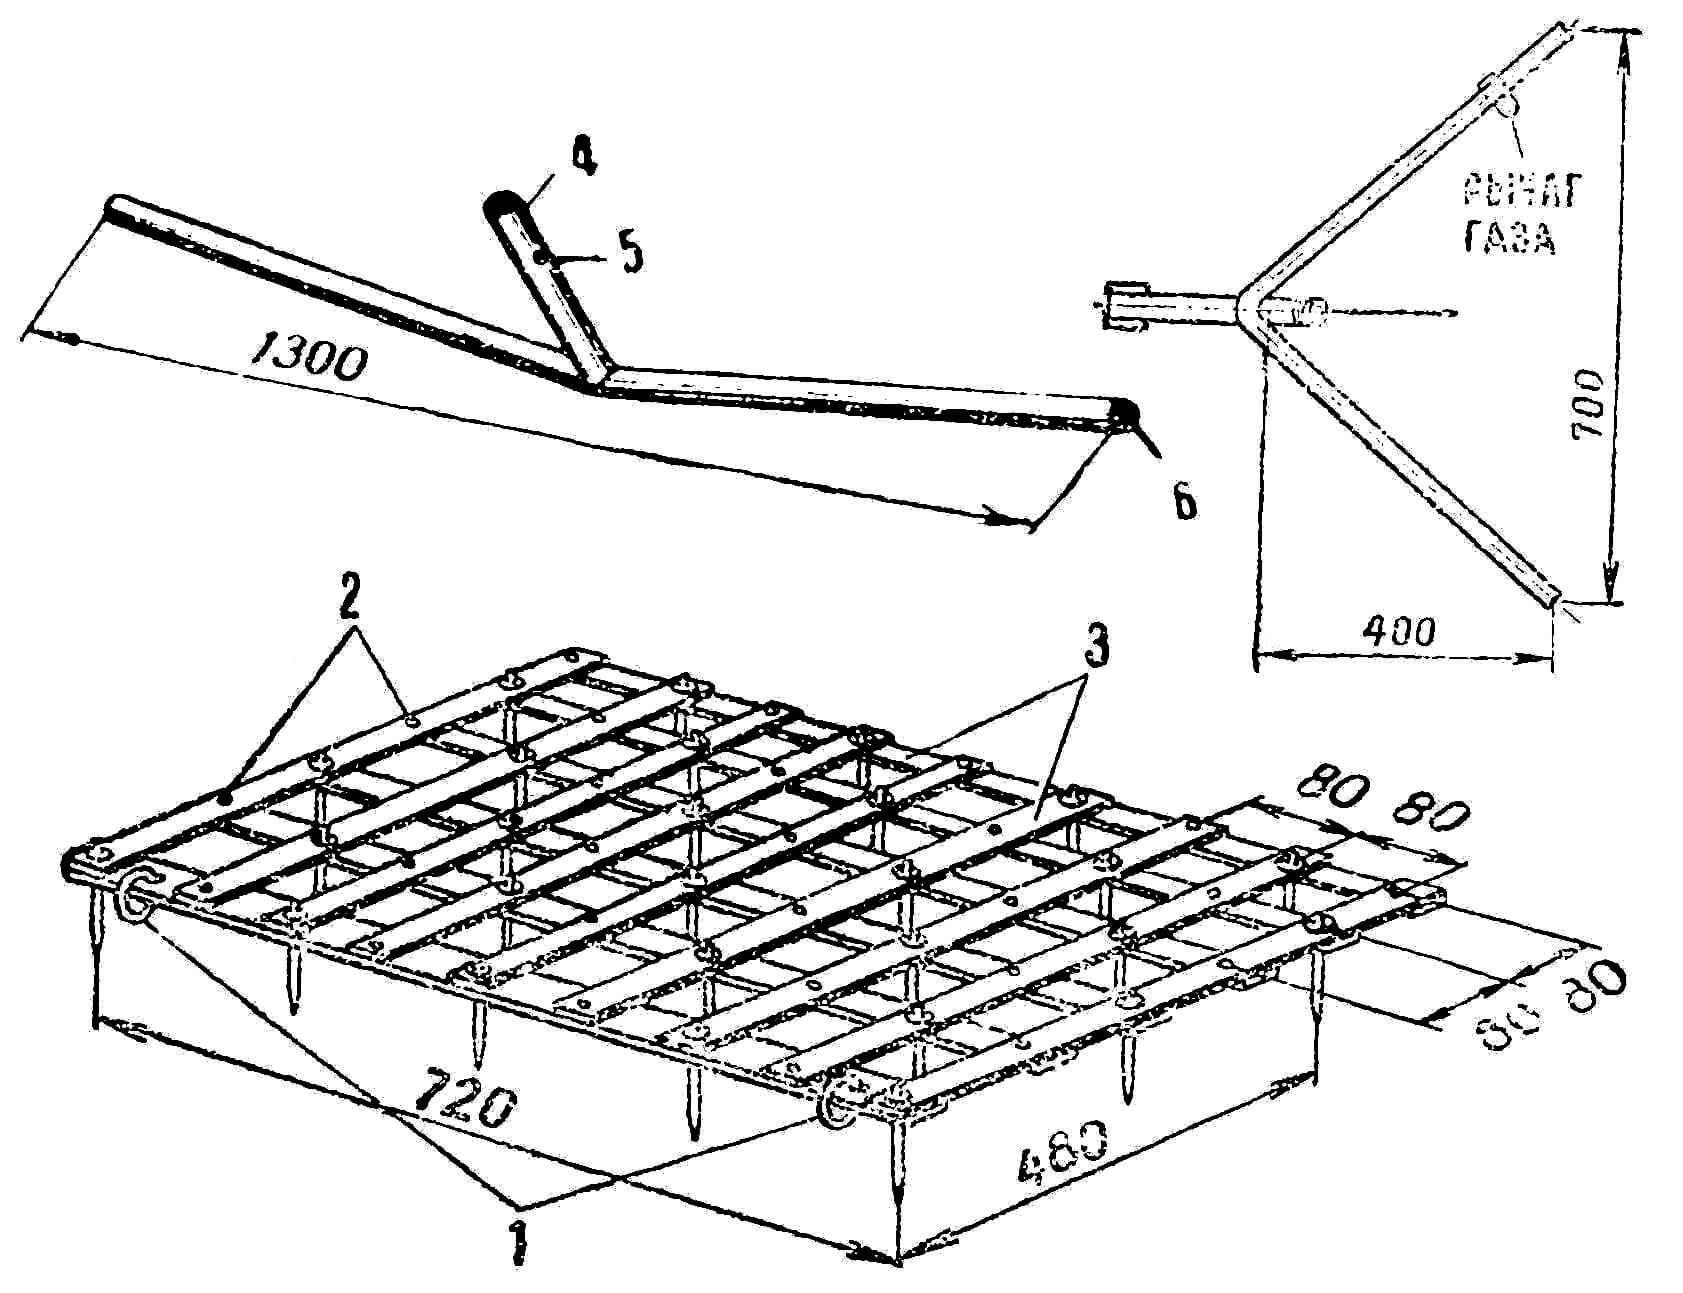 Борона и зацеп для мотоплуга: 1 — кольца для зацепа; 2 — болты М2; 3 — рама (полосовая сталь 30x3 мм),